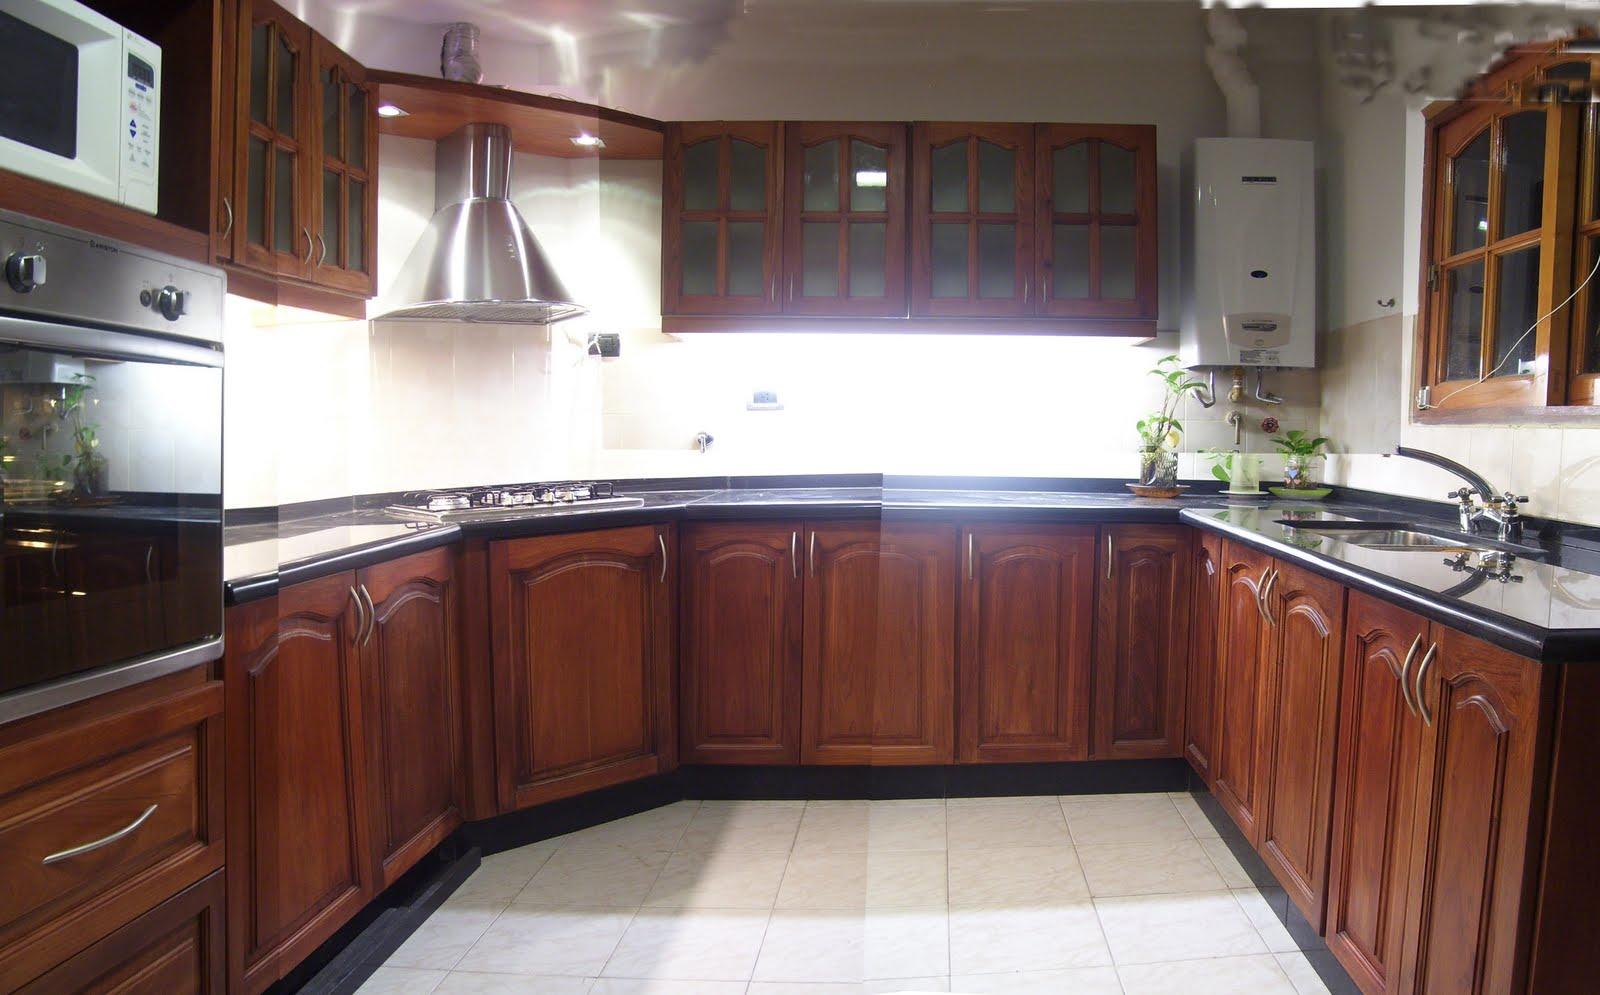 Dise o y desarrollo de muebles cocina en cedro macizo for Disenos de muebles de cocina